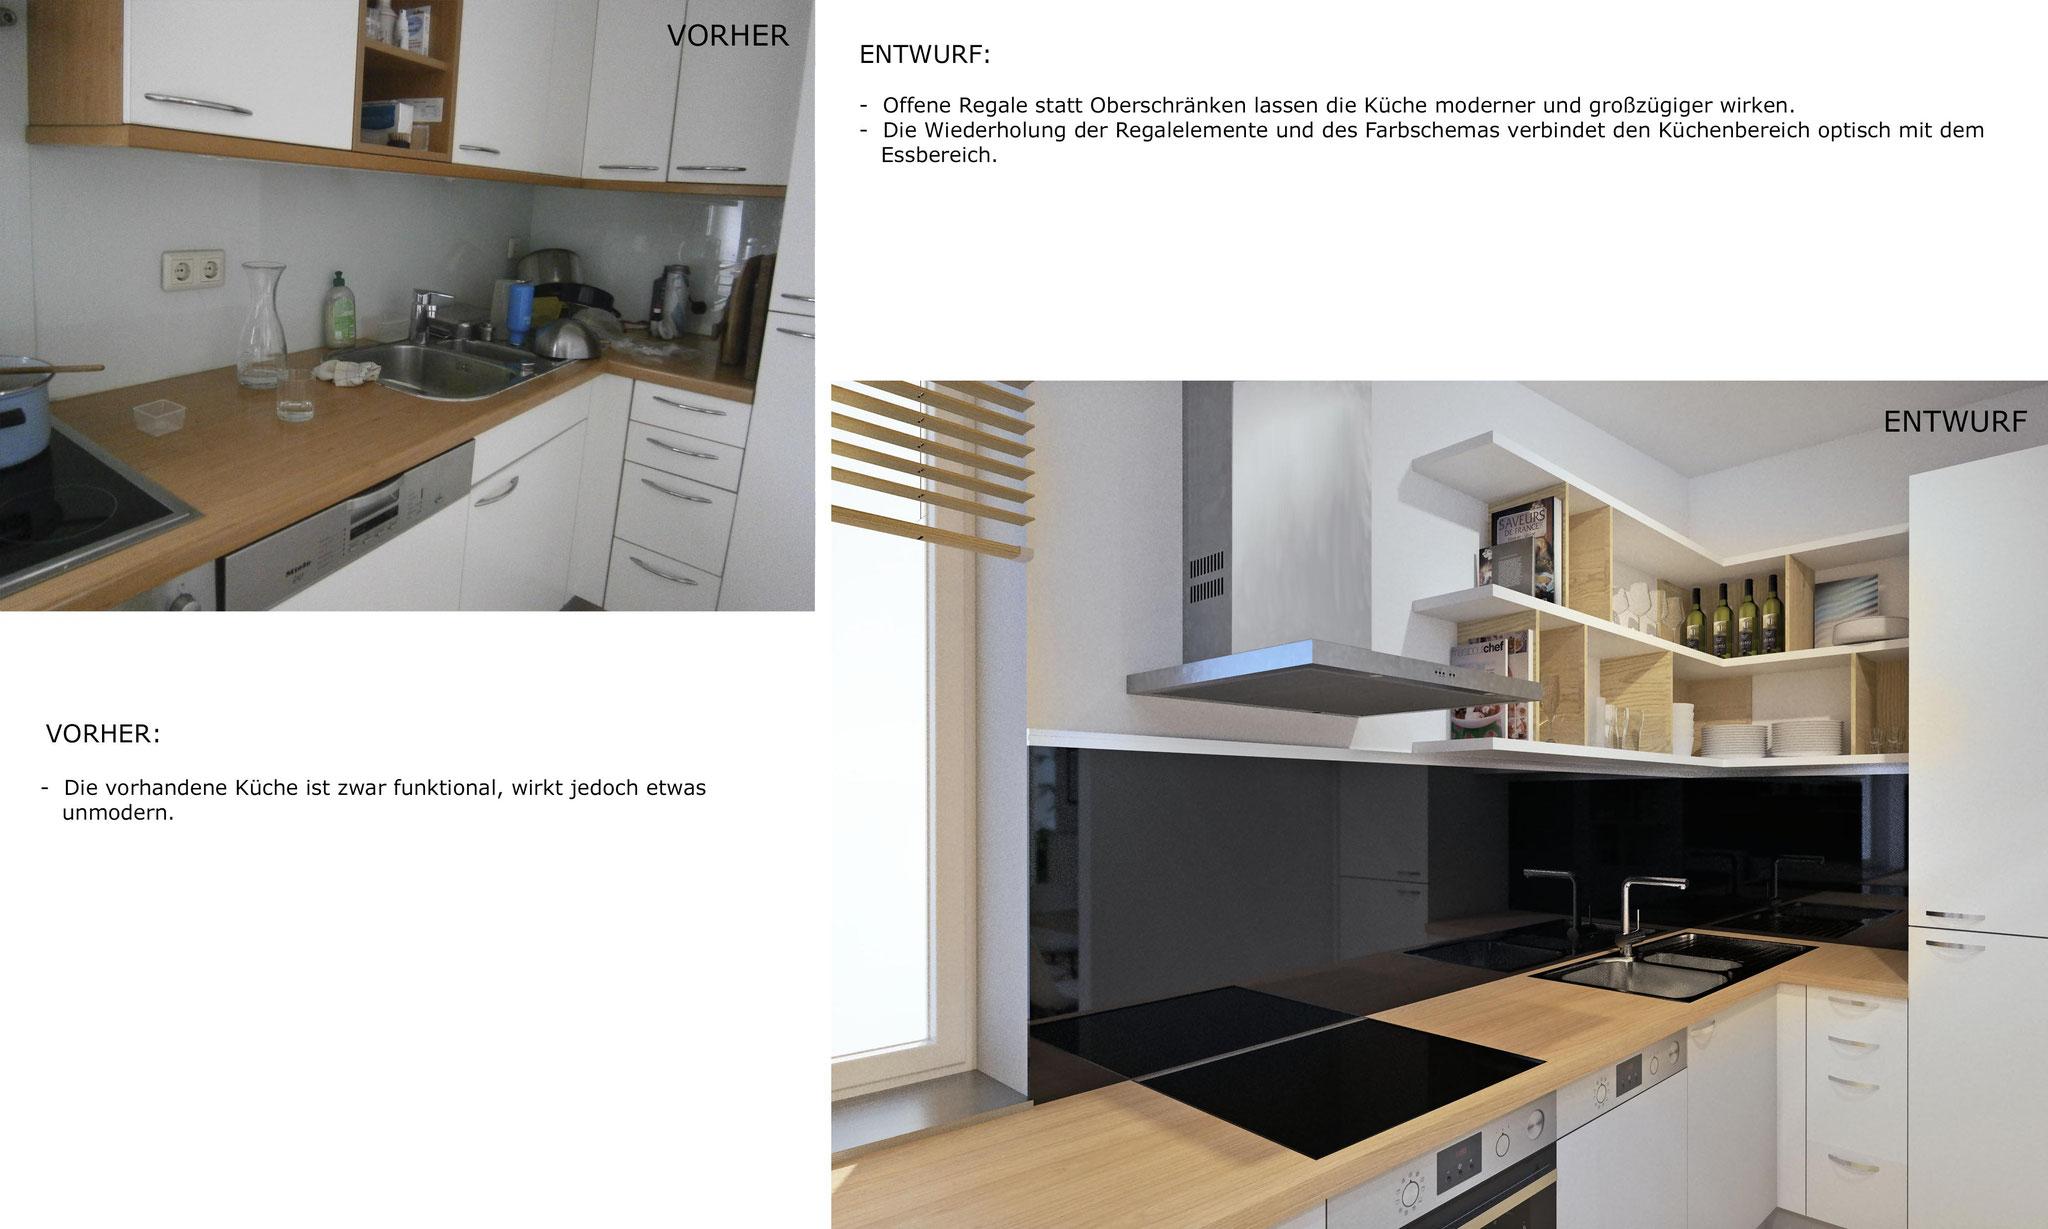 Entwurfsbeschreibung - Küche